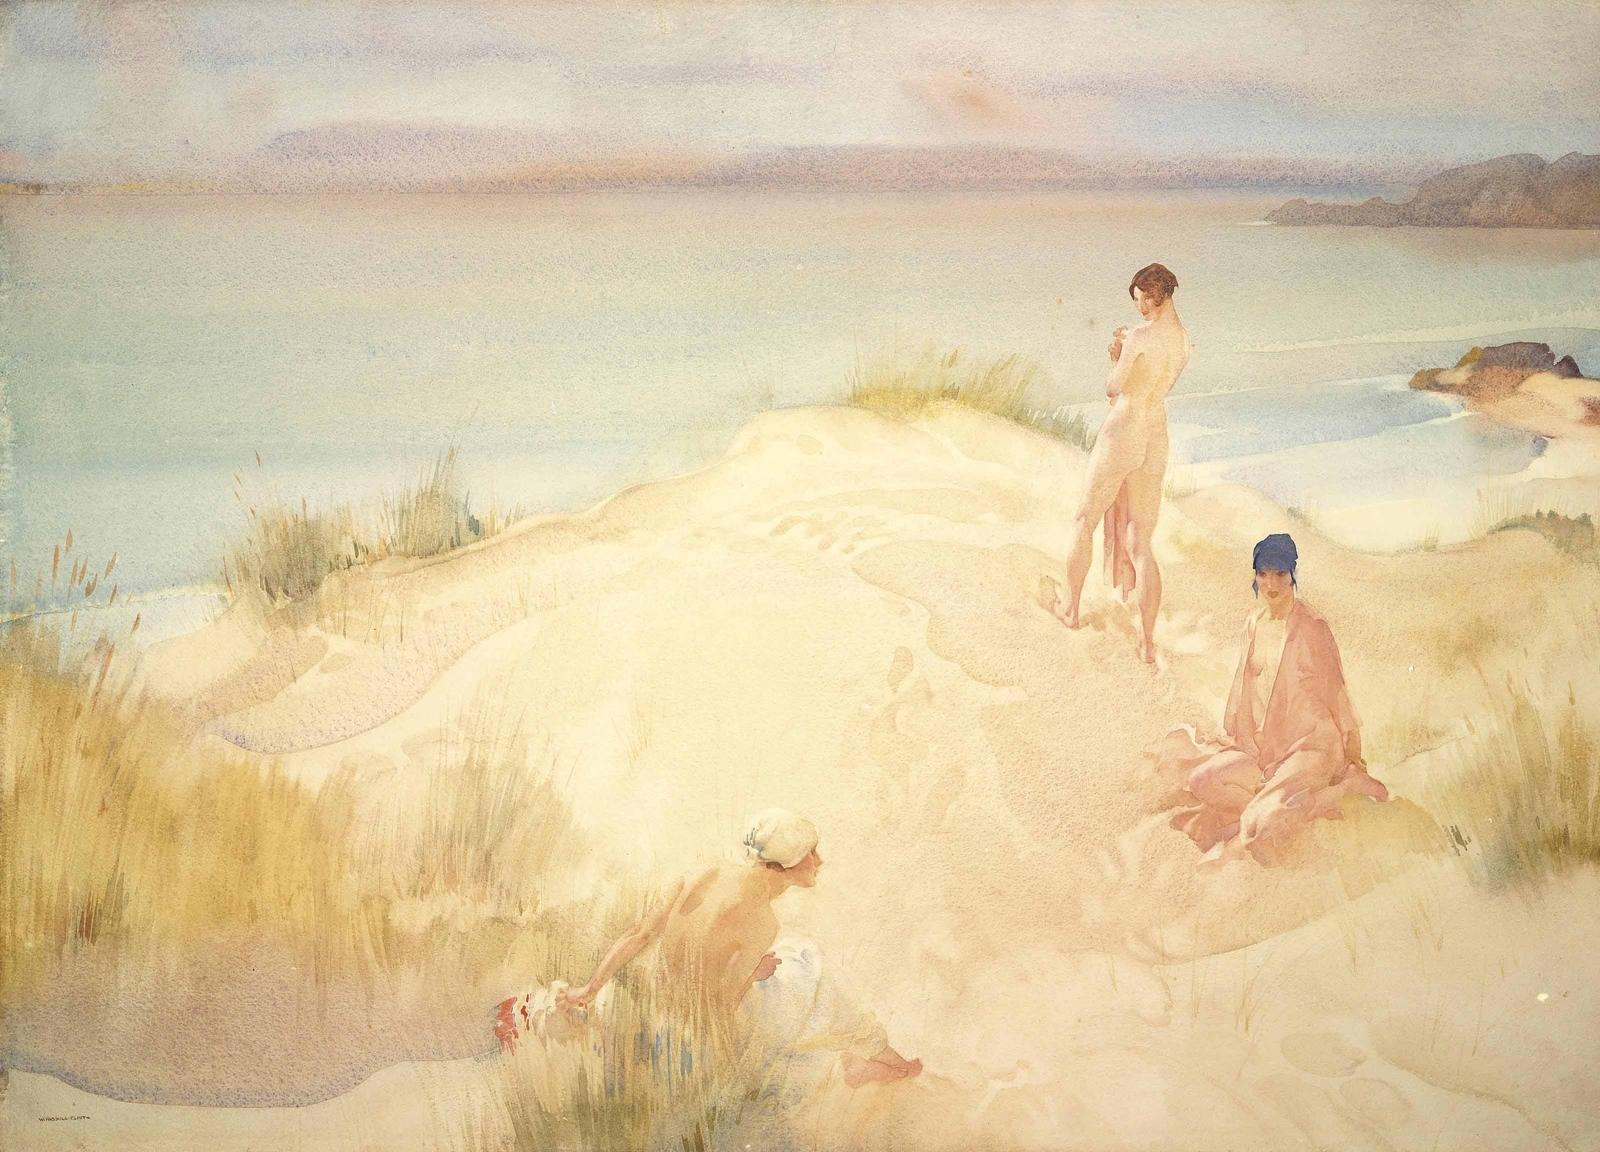 Три купающихся красавицы (Three Beauties Bathing)_56.8 x 78.5_бумага, акварель и карандаш_Частное собрание.jpg